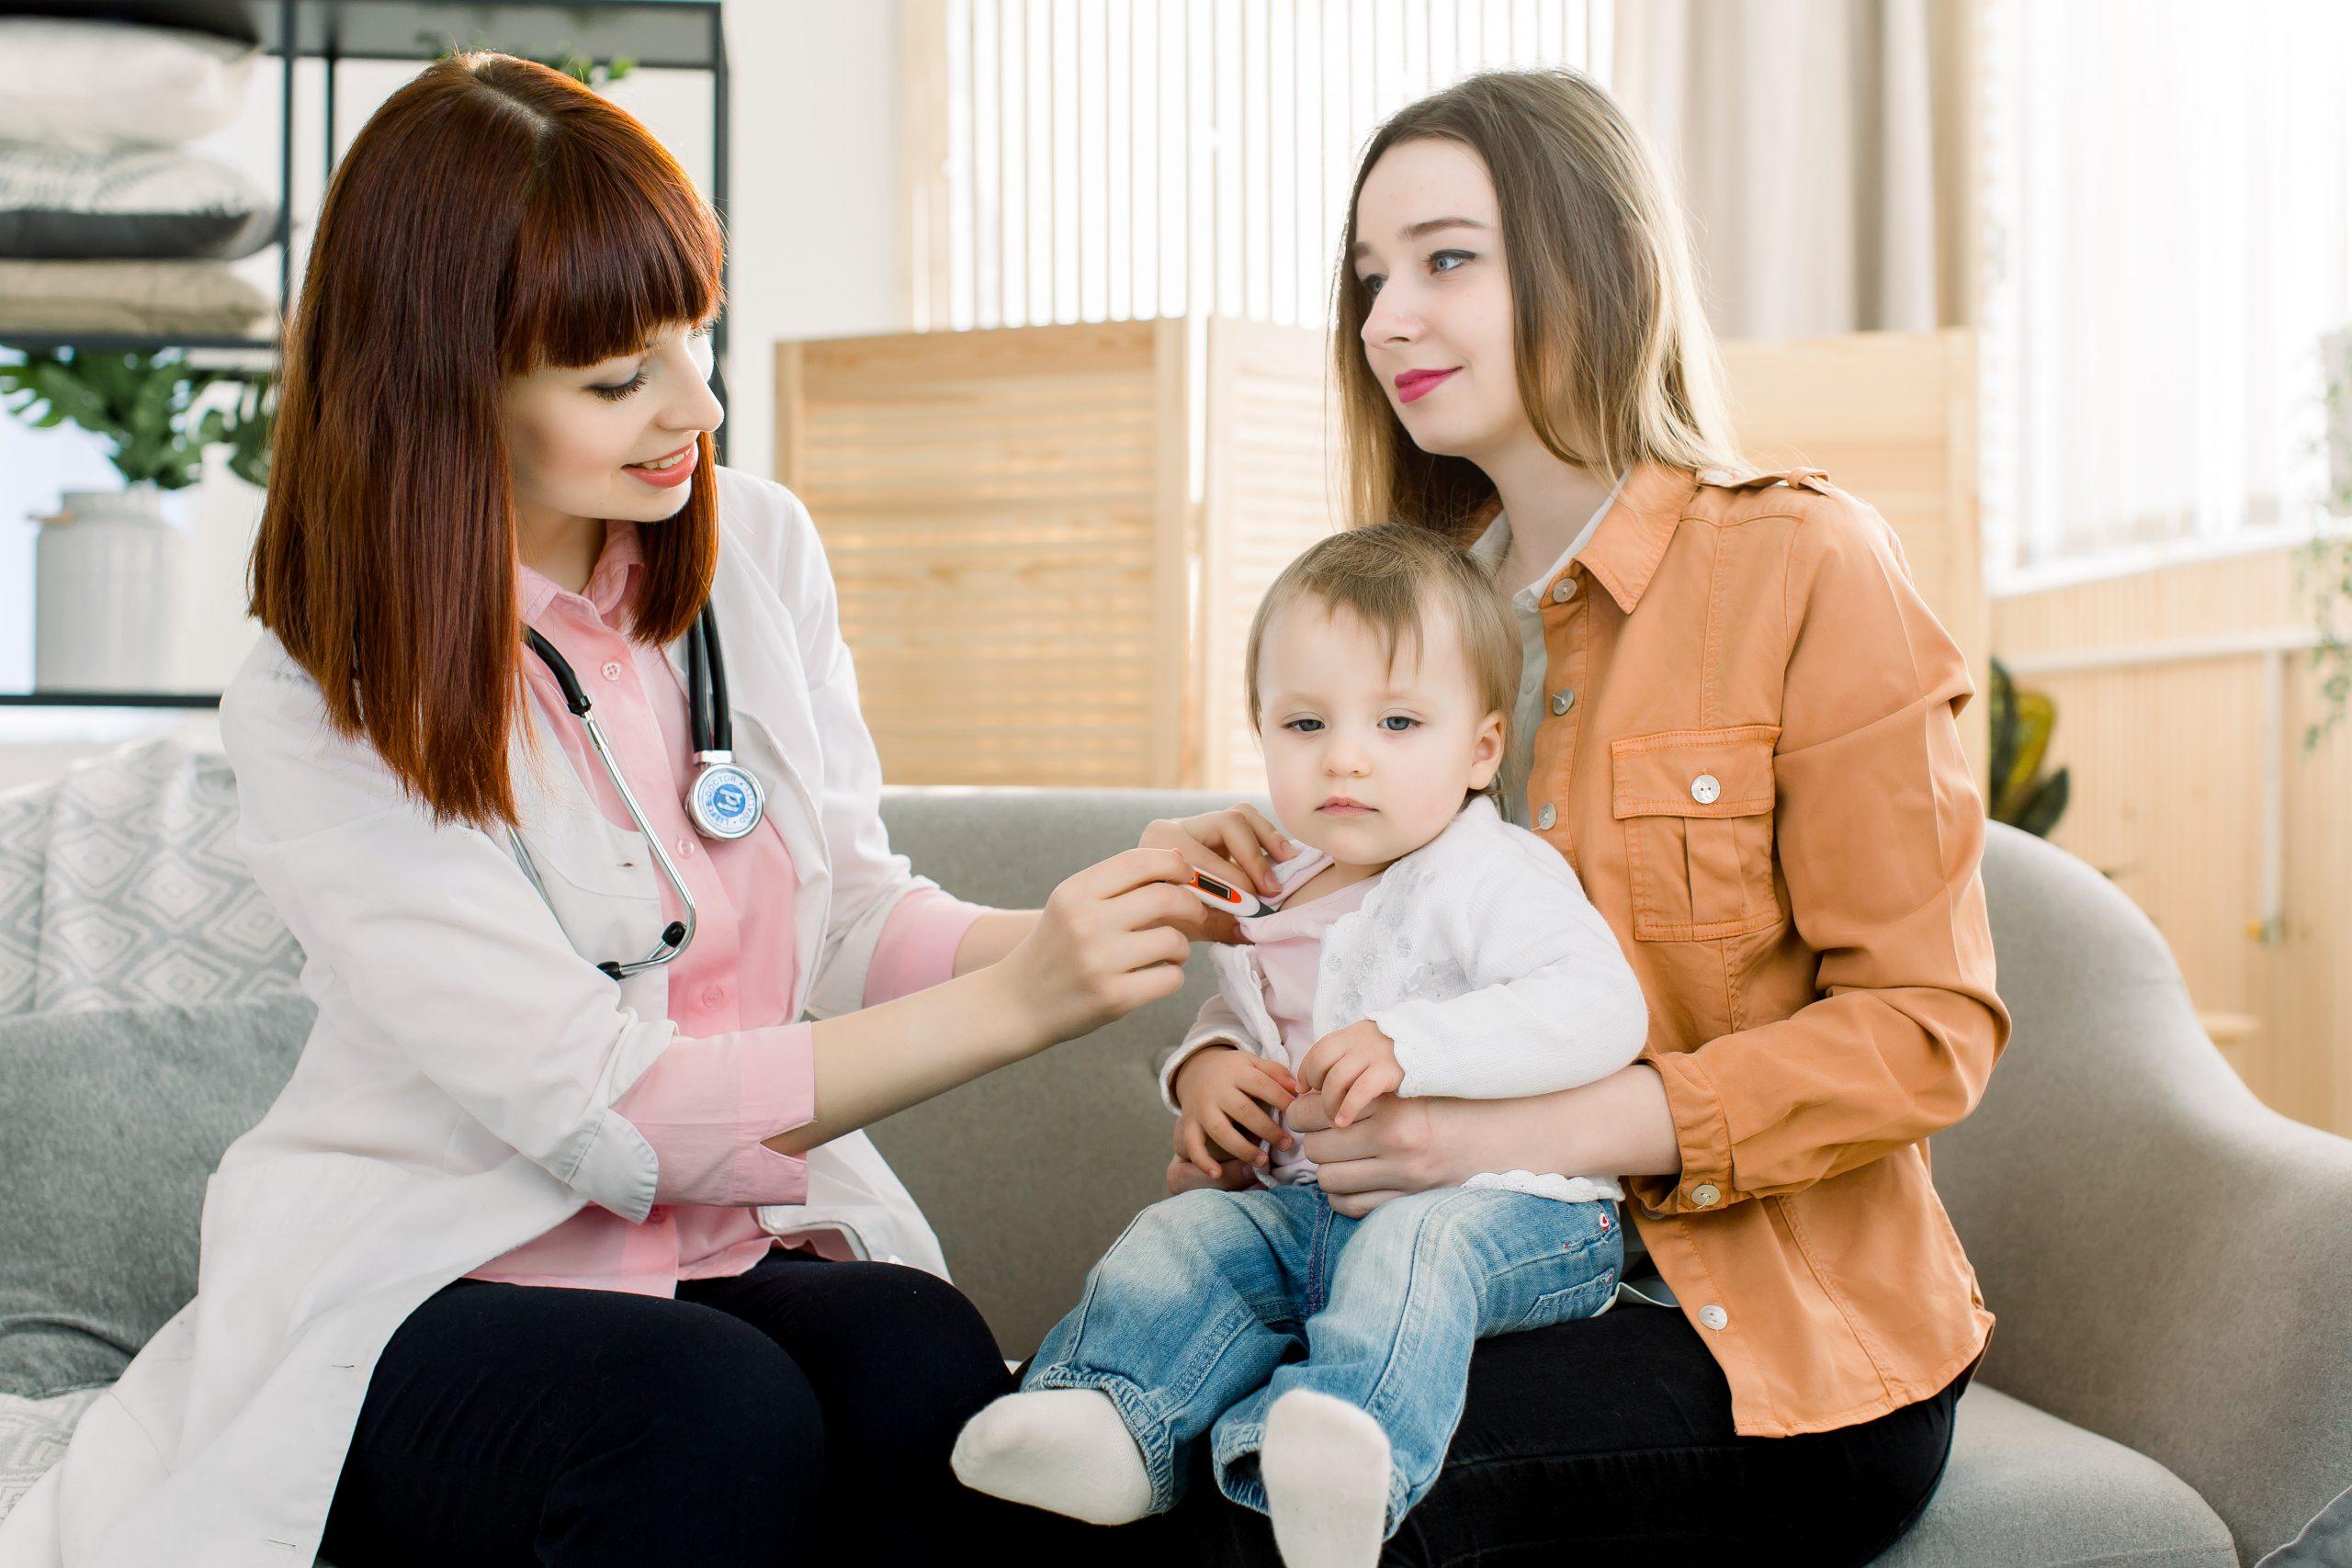 Baby having temperature taken by nurse